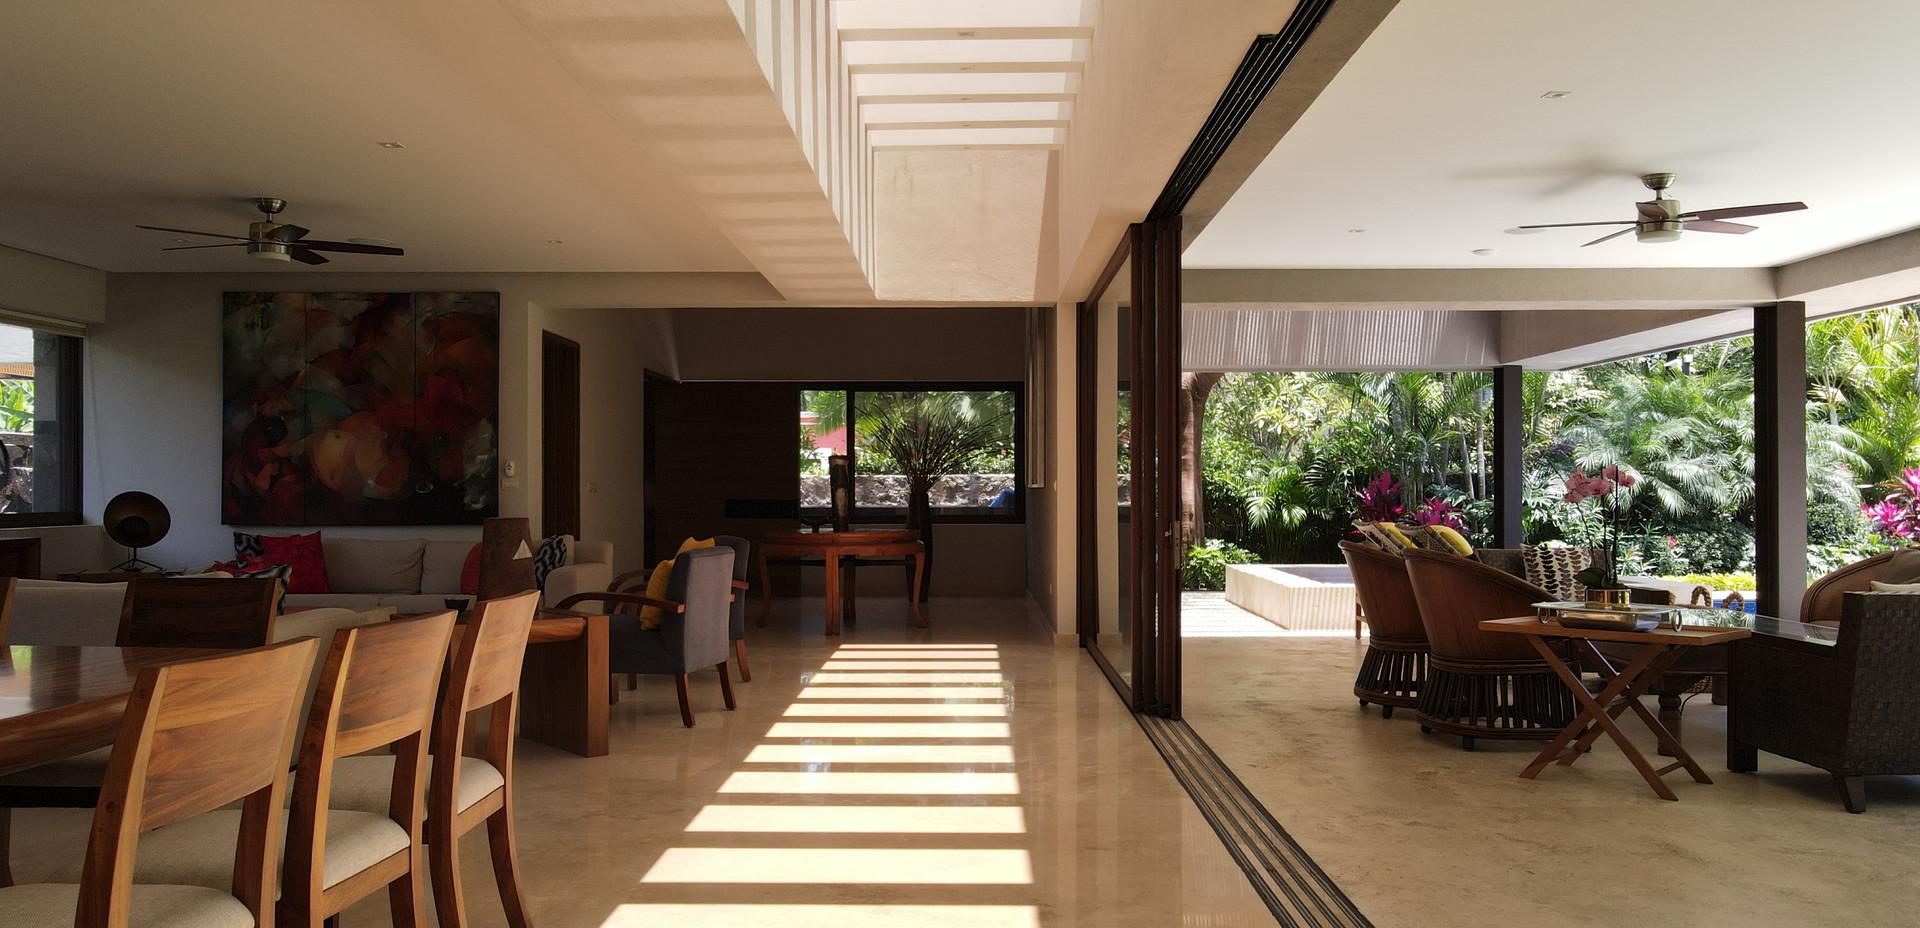 DM Arquitectos-Casa de la Vida 10.JPG